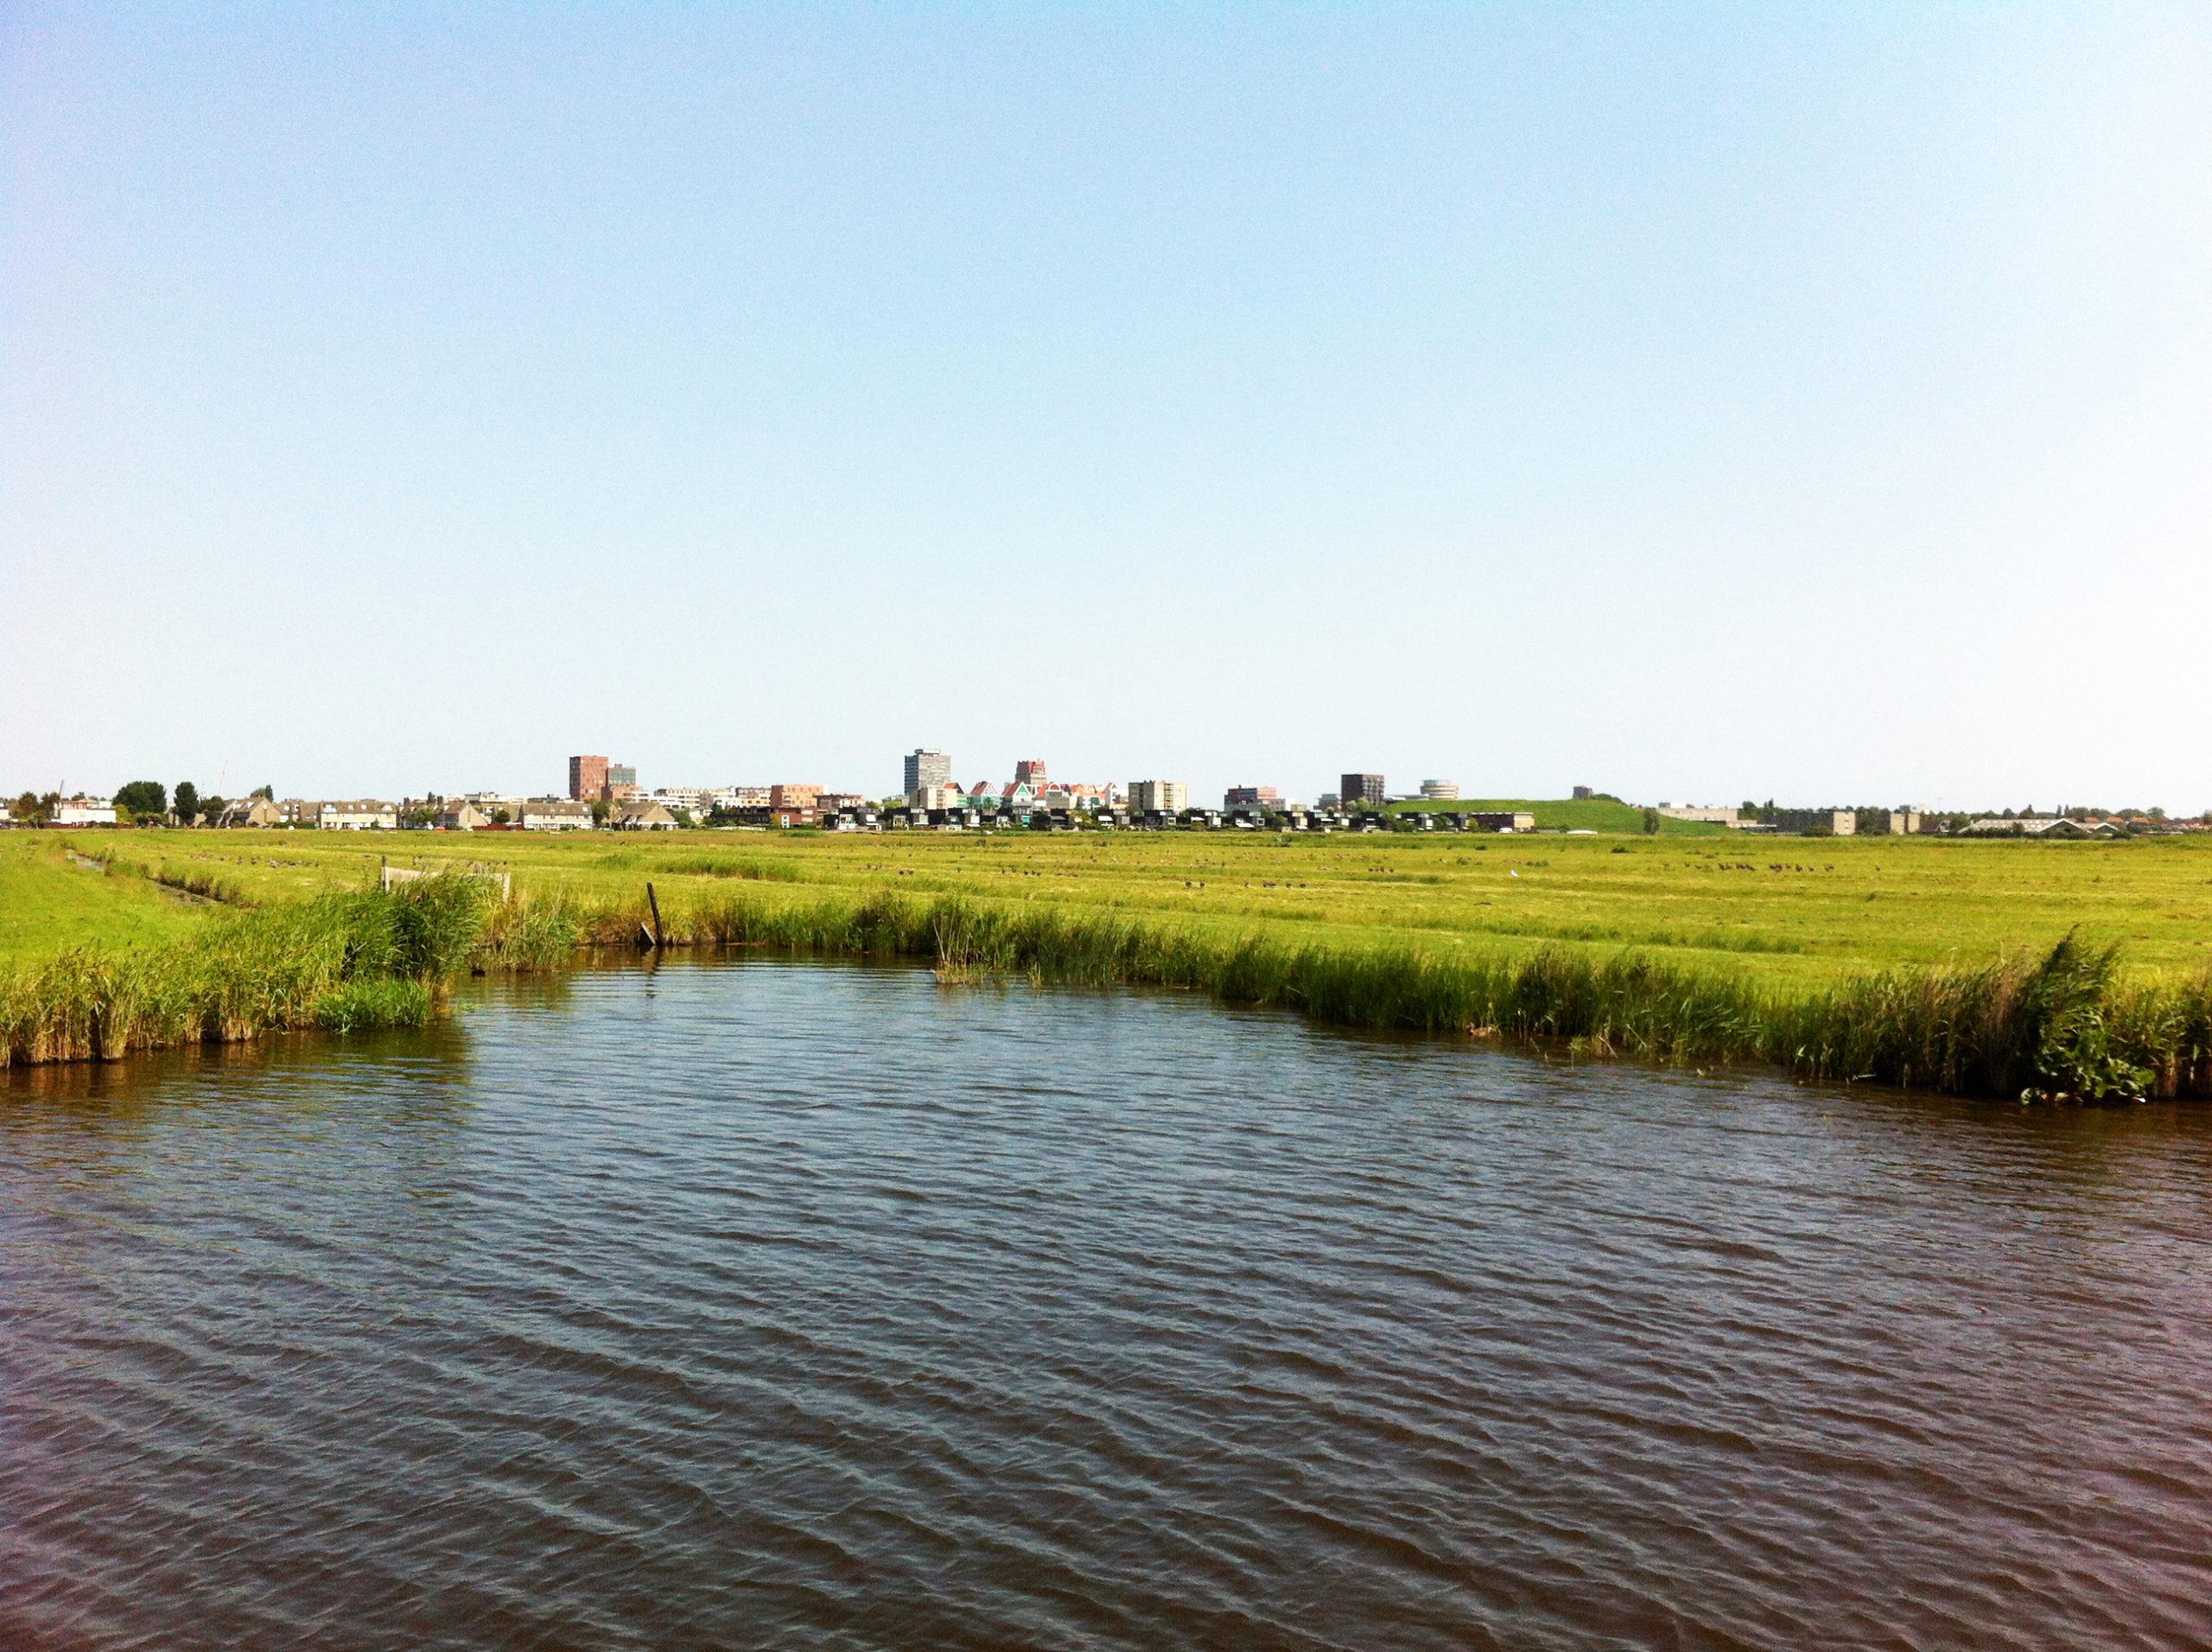 Fietsexcursie op 25 september  over de toekomst van de veenweiden in de Zaanstreek